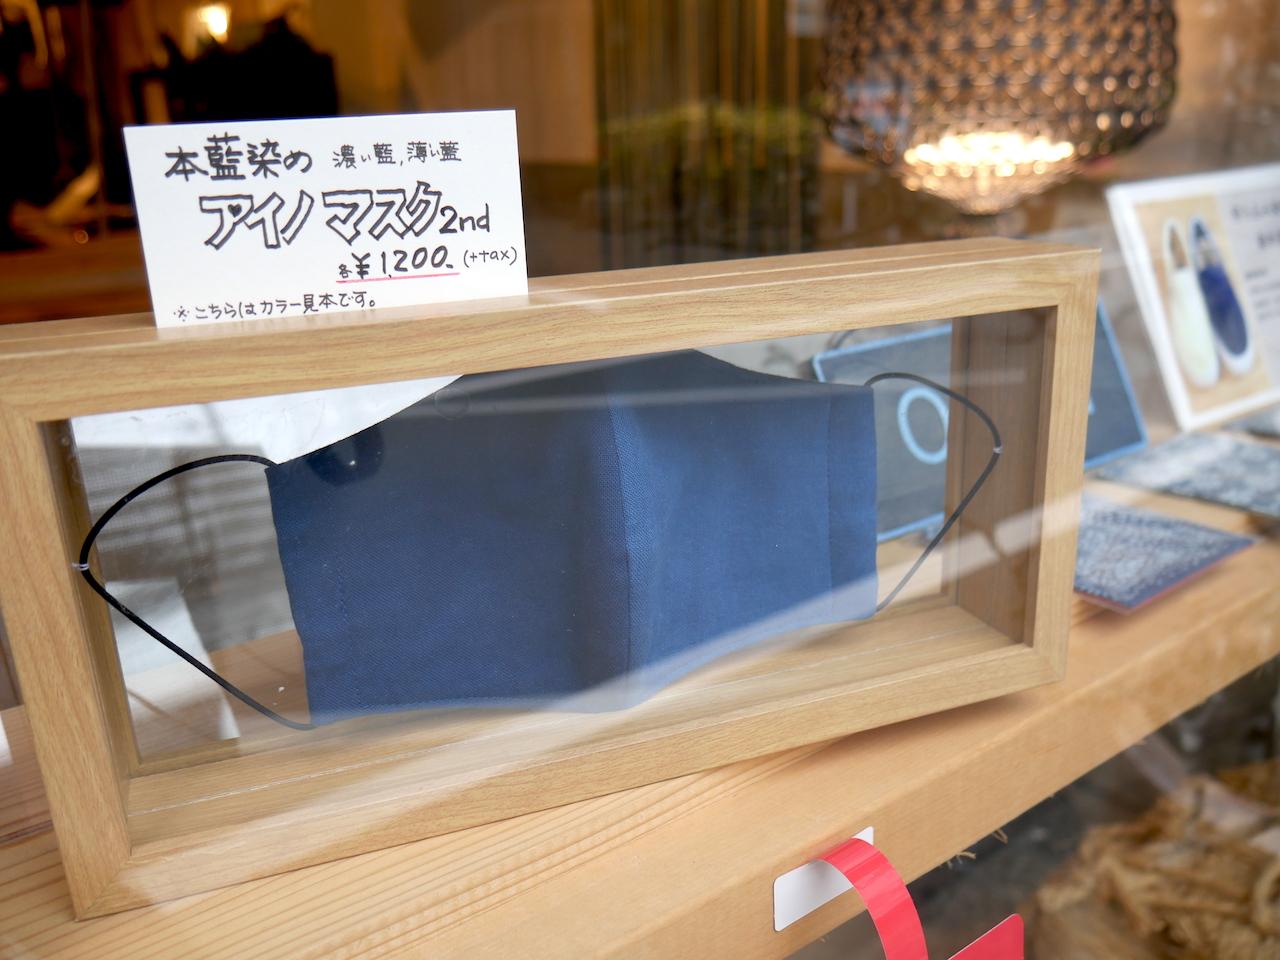 静岡市内で布マスク販売中のお店:人宿藍染工房